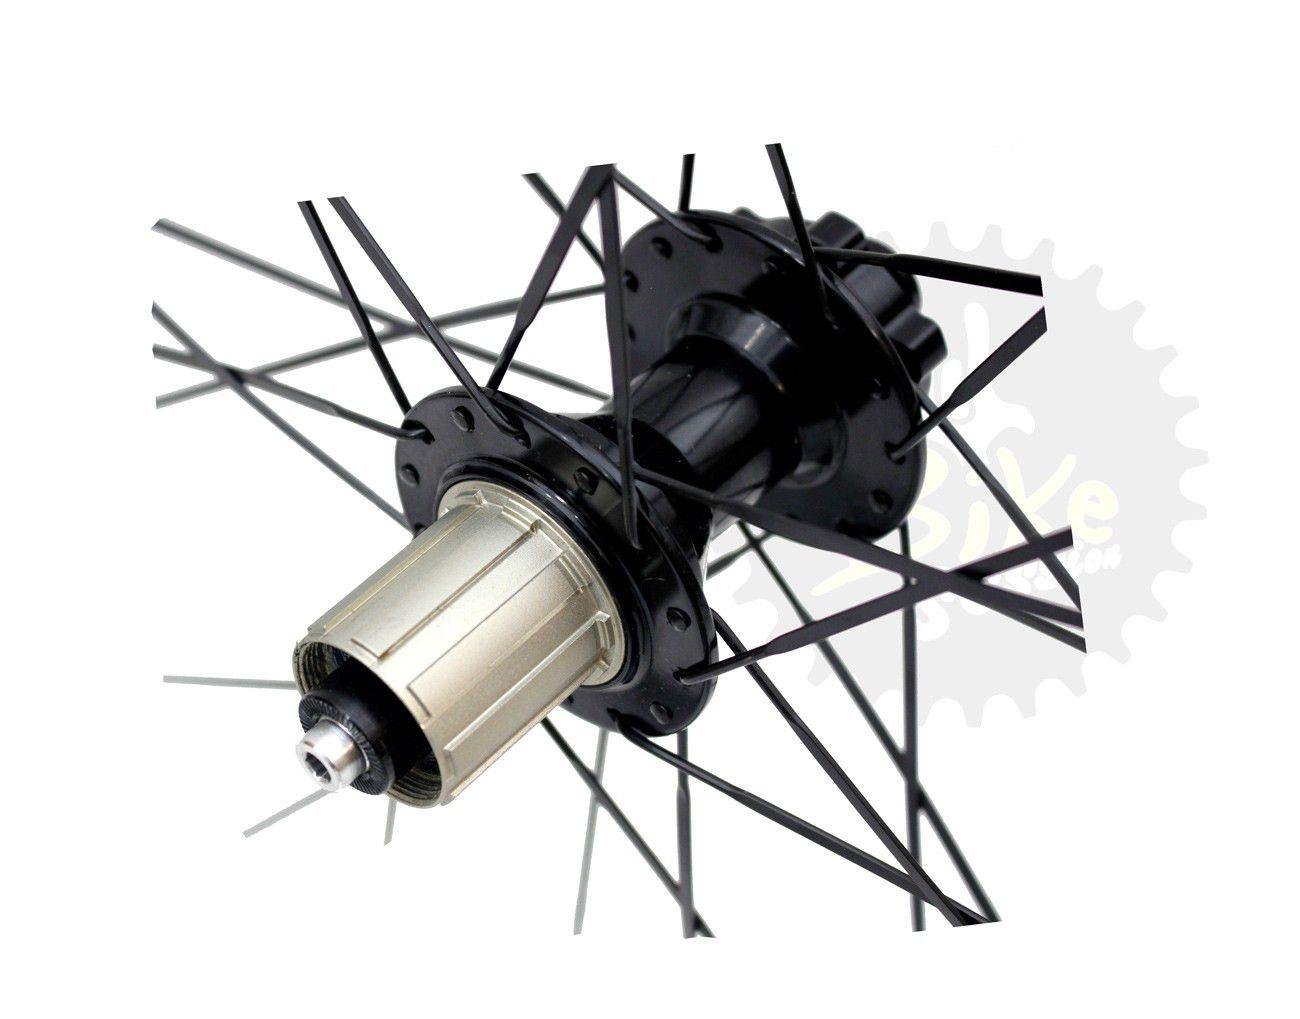 Roda Aro 29 Vicini Vicinitech Xm1600 Mtb Cubo Rolamentado